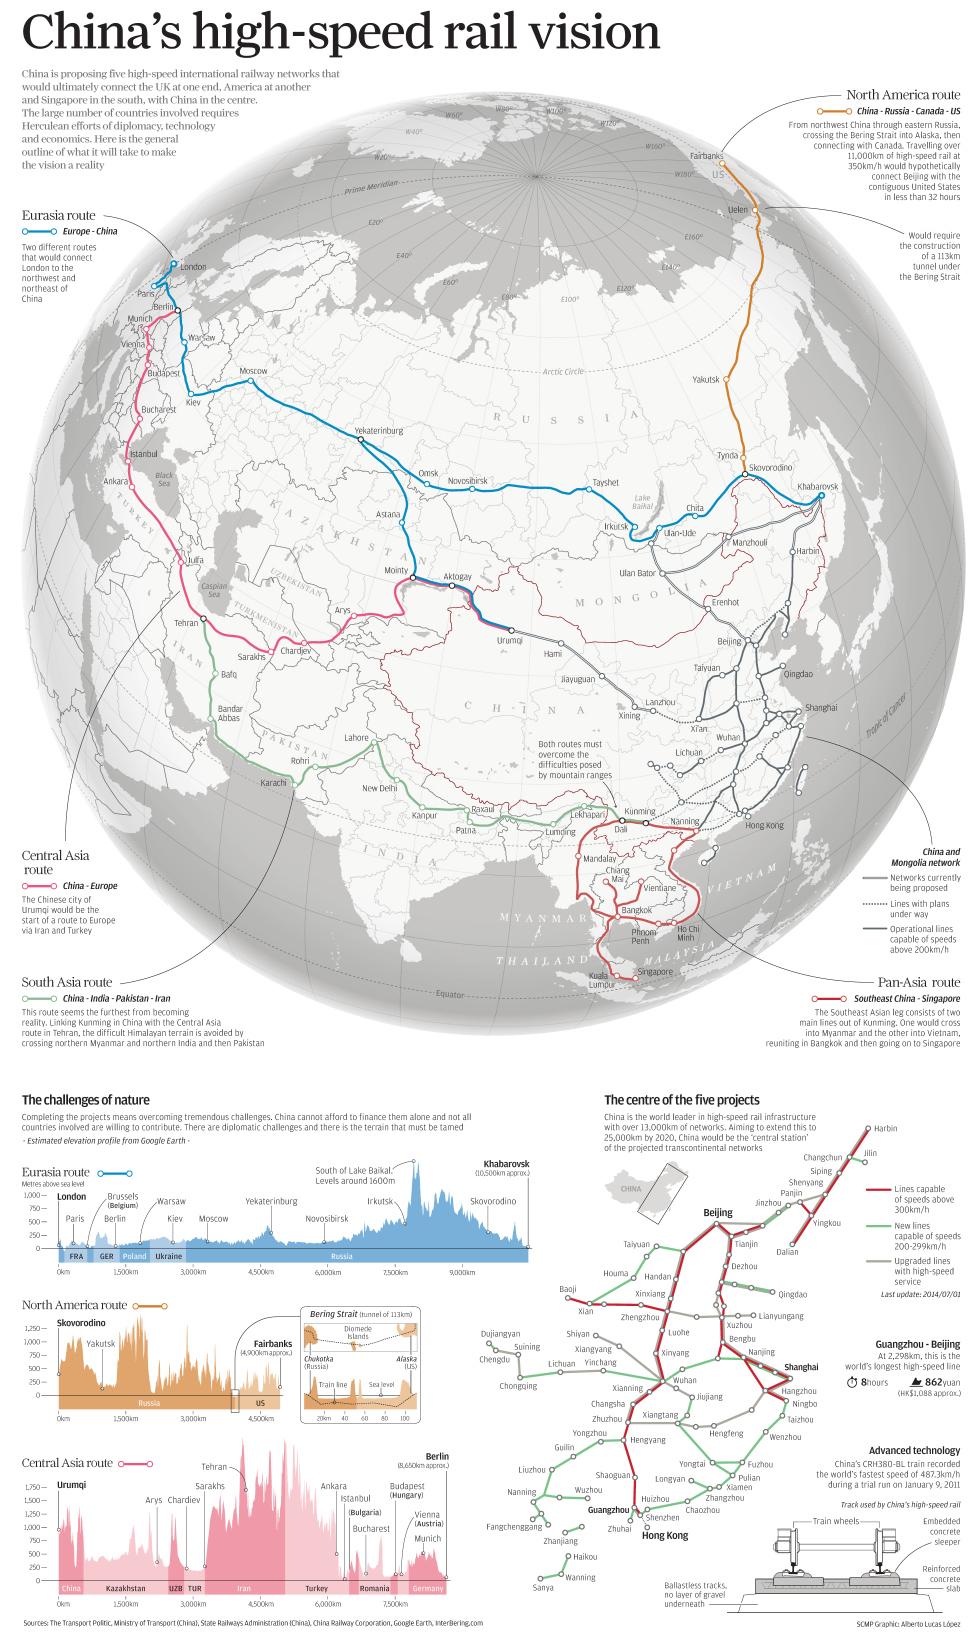 Vision de la red de trenes de alta velocidad de China con el mundo